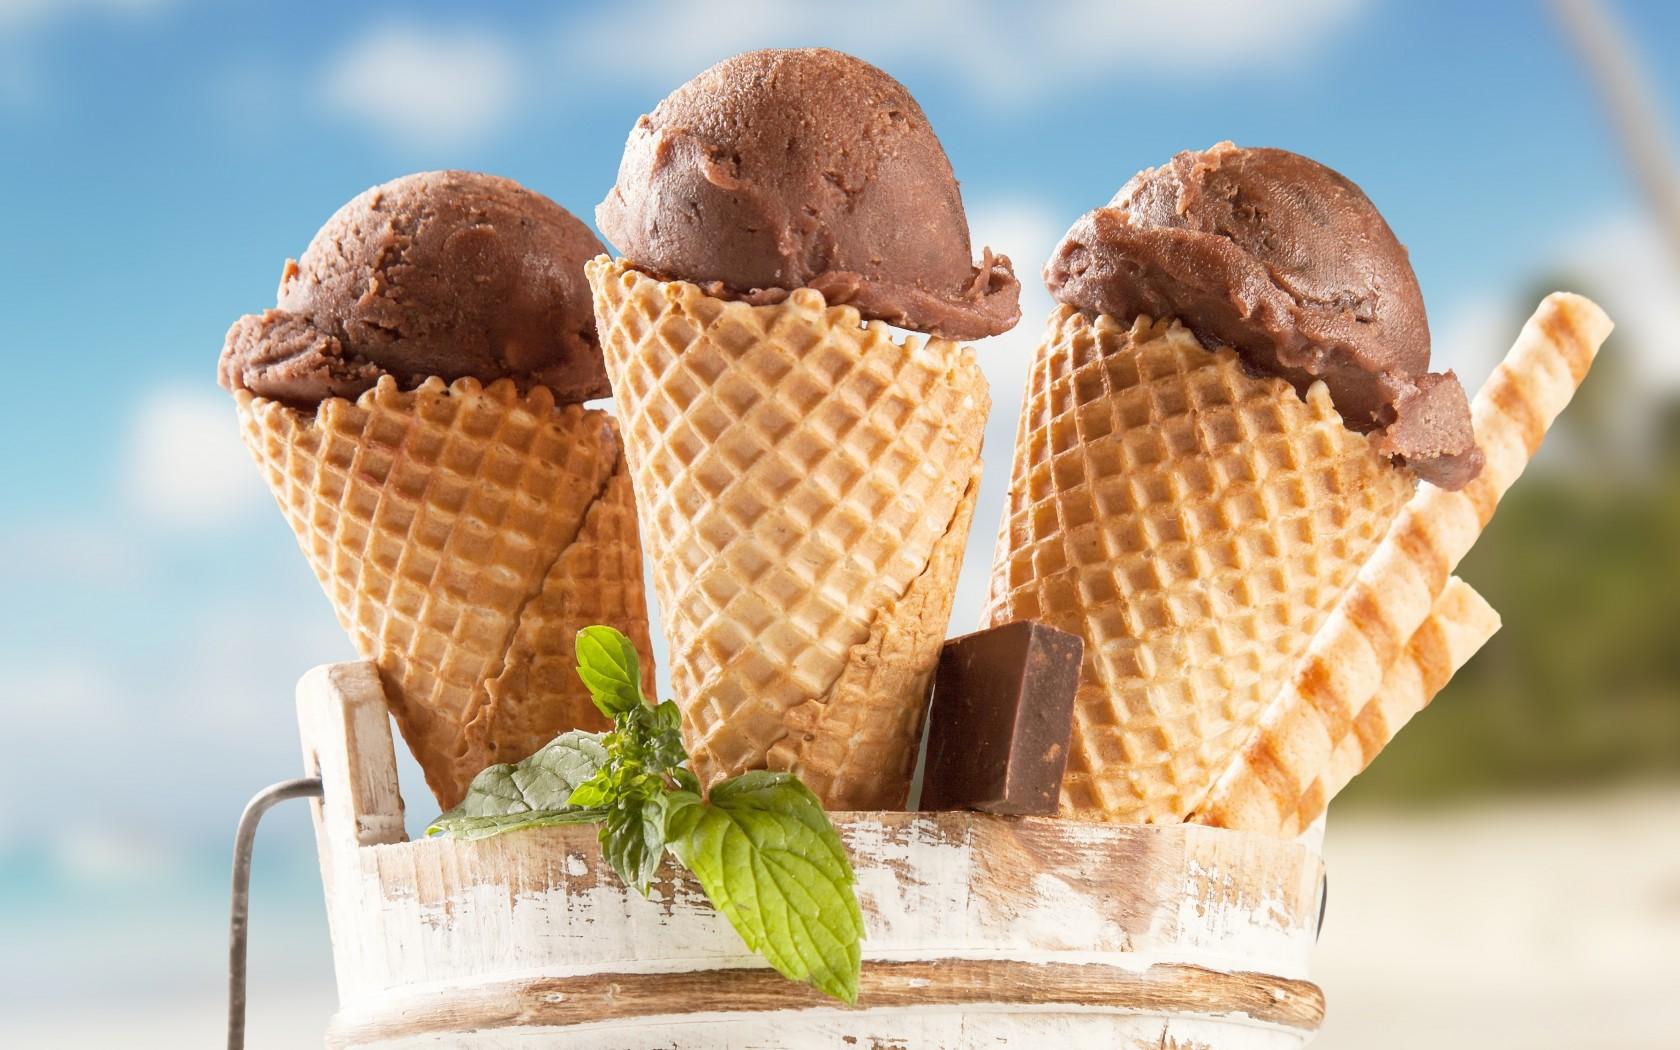 rozhok-morozhenoe-shokolad